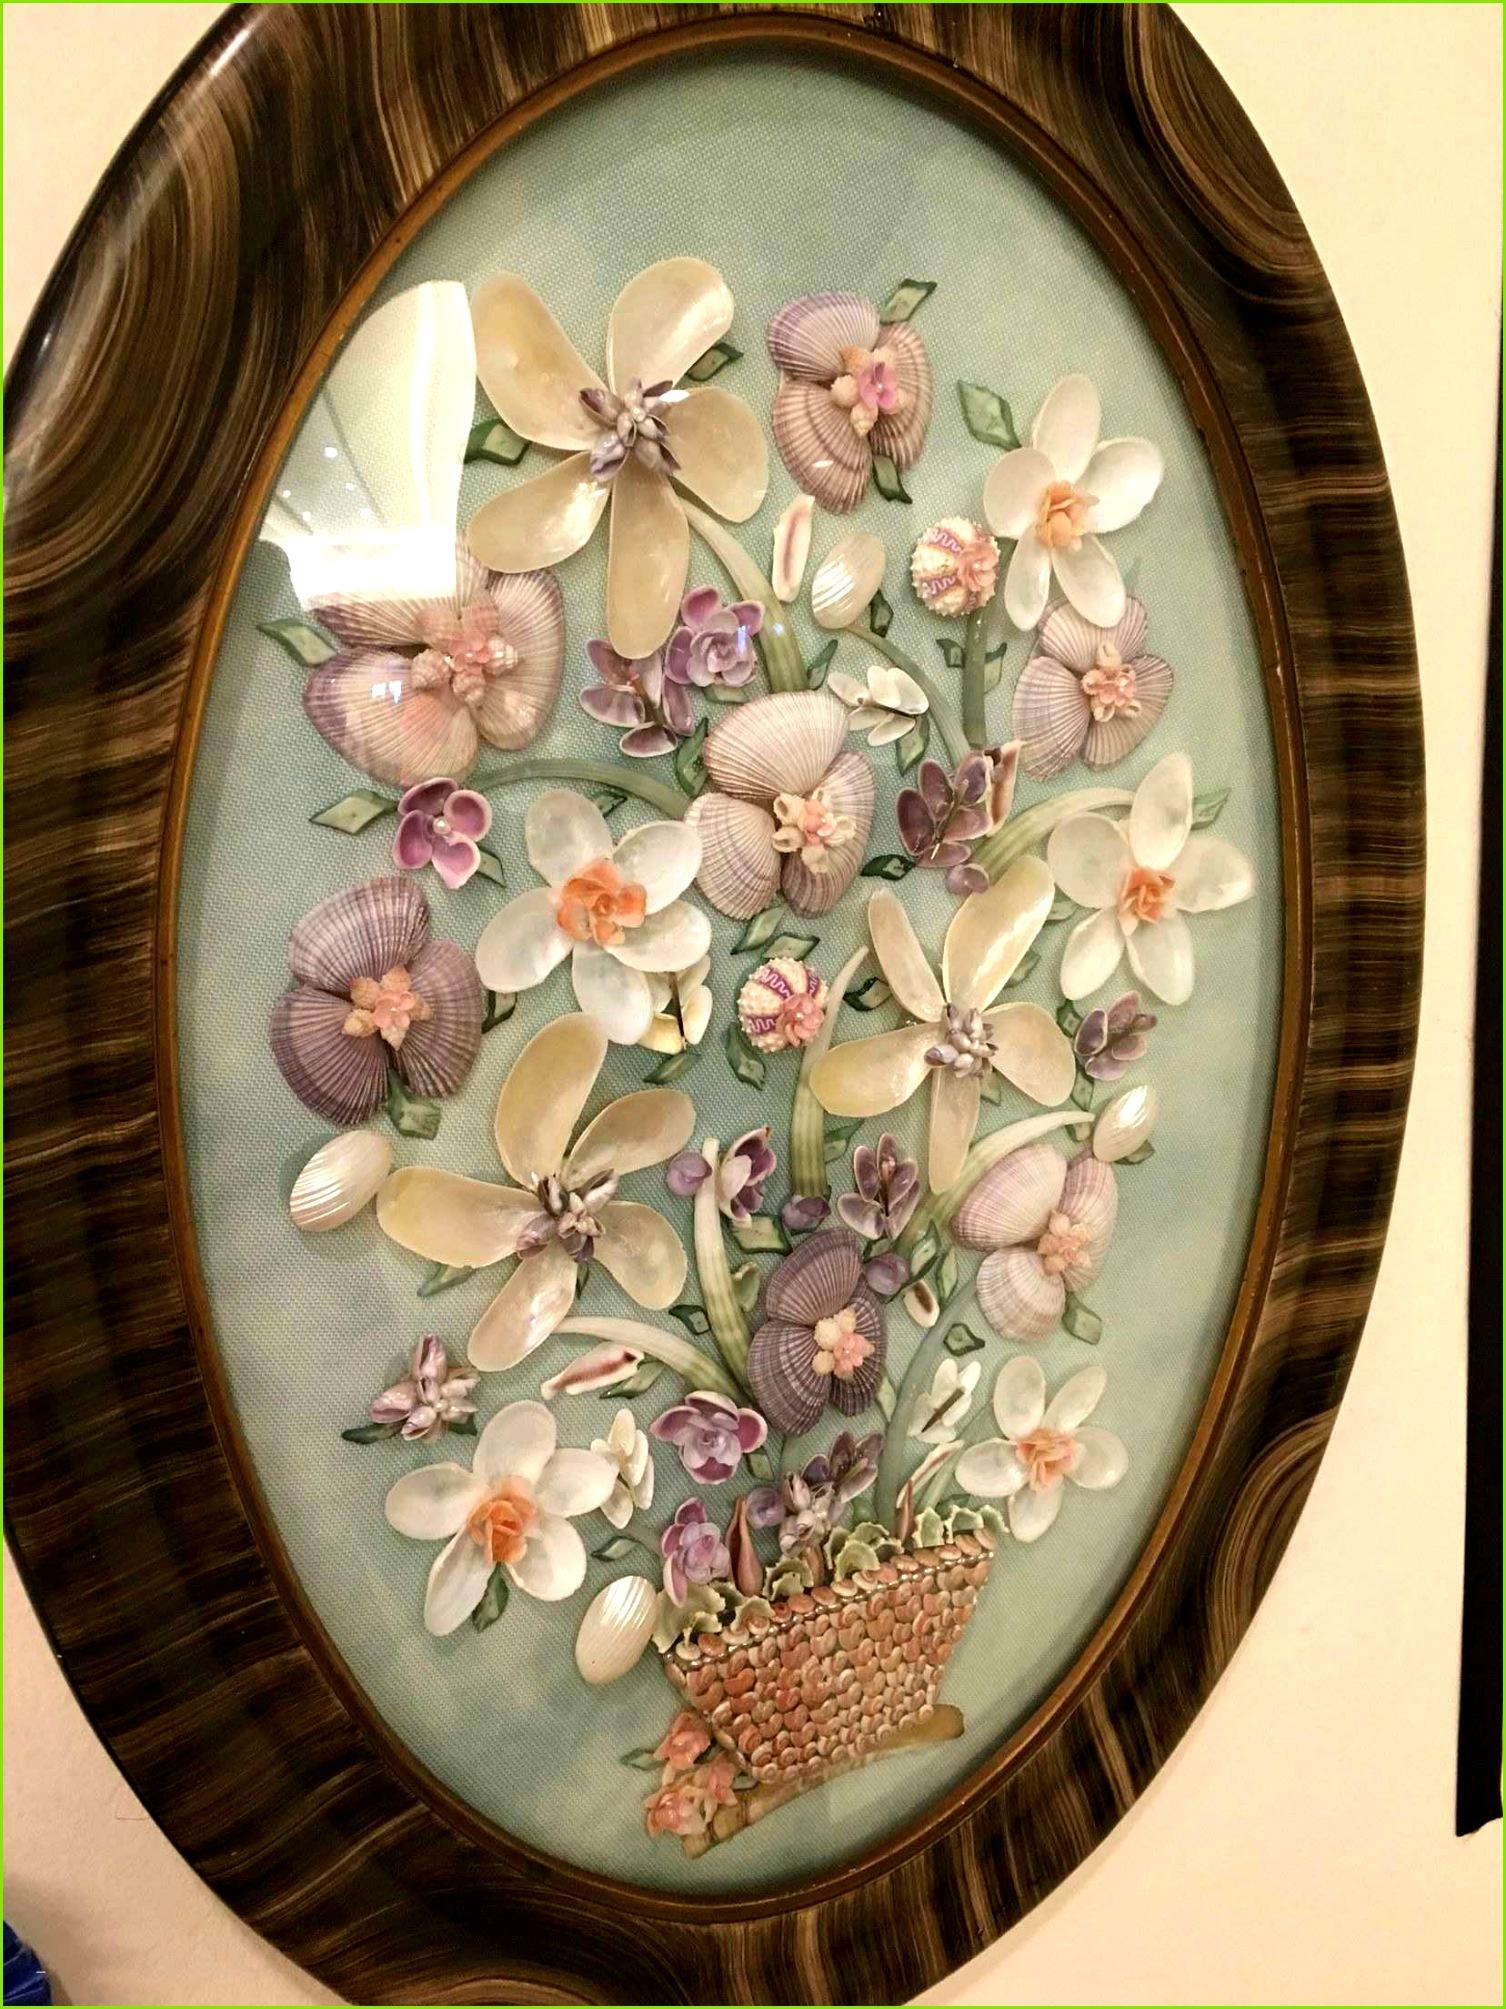 Detaillierte Blumen Vorlagen Zum Basteln